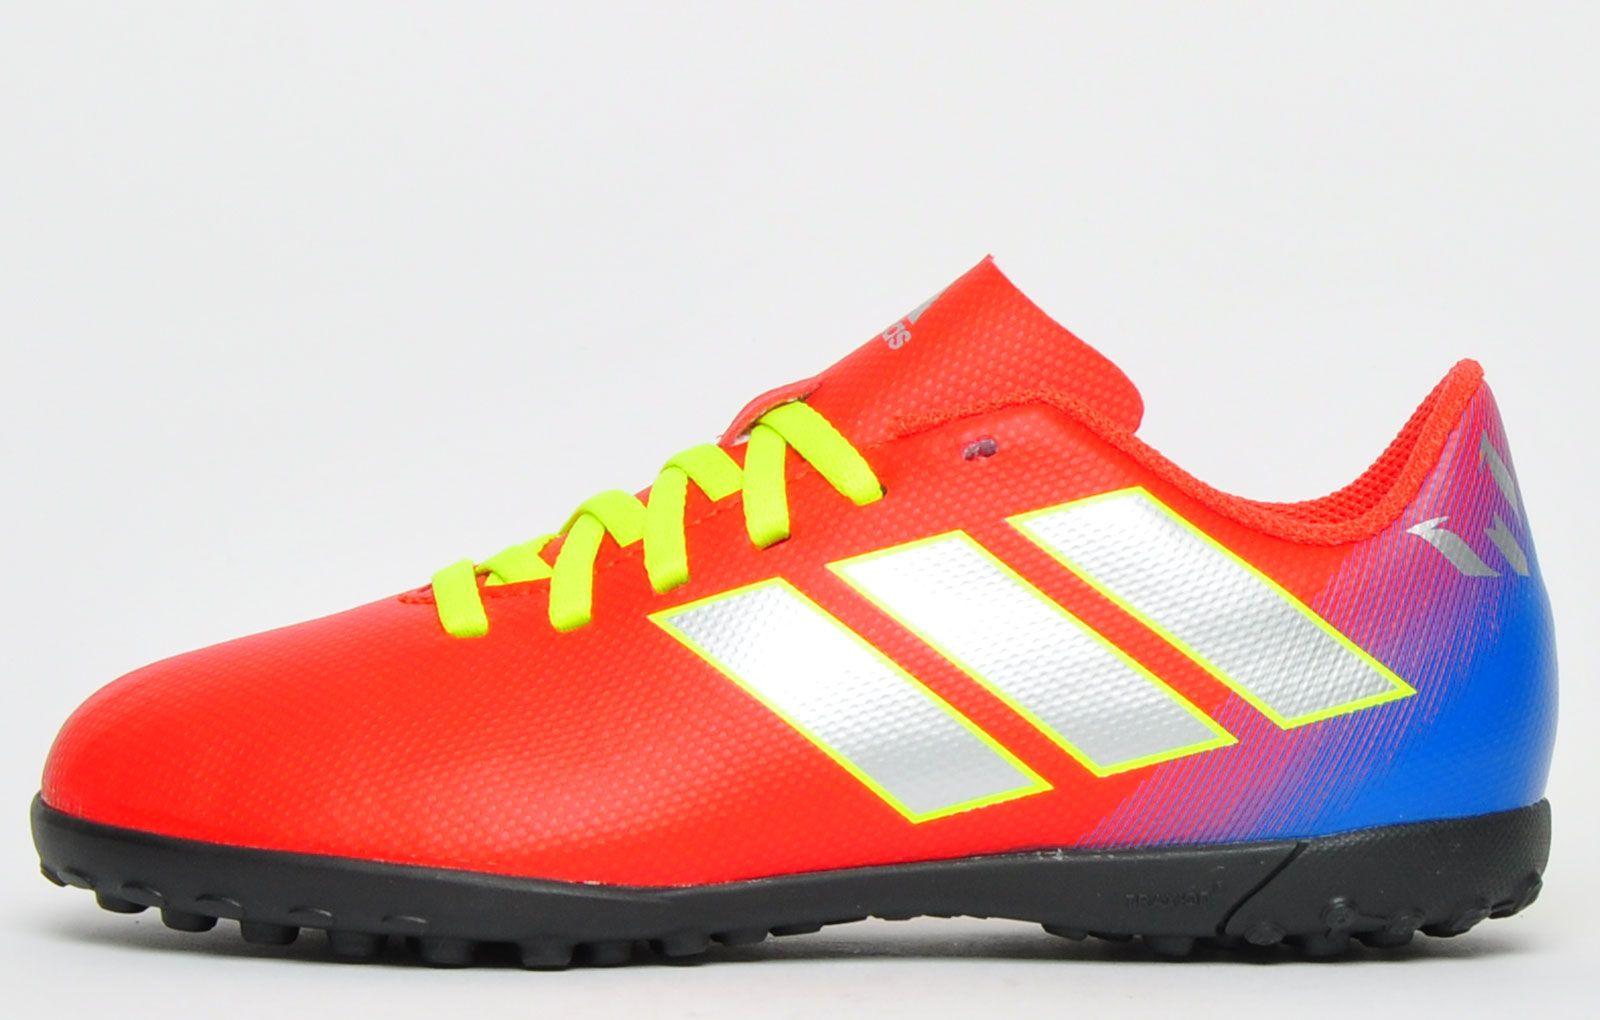 Adidas Nemeziz Messi 18.4 TF Junior